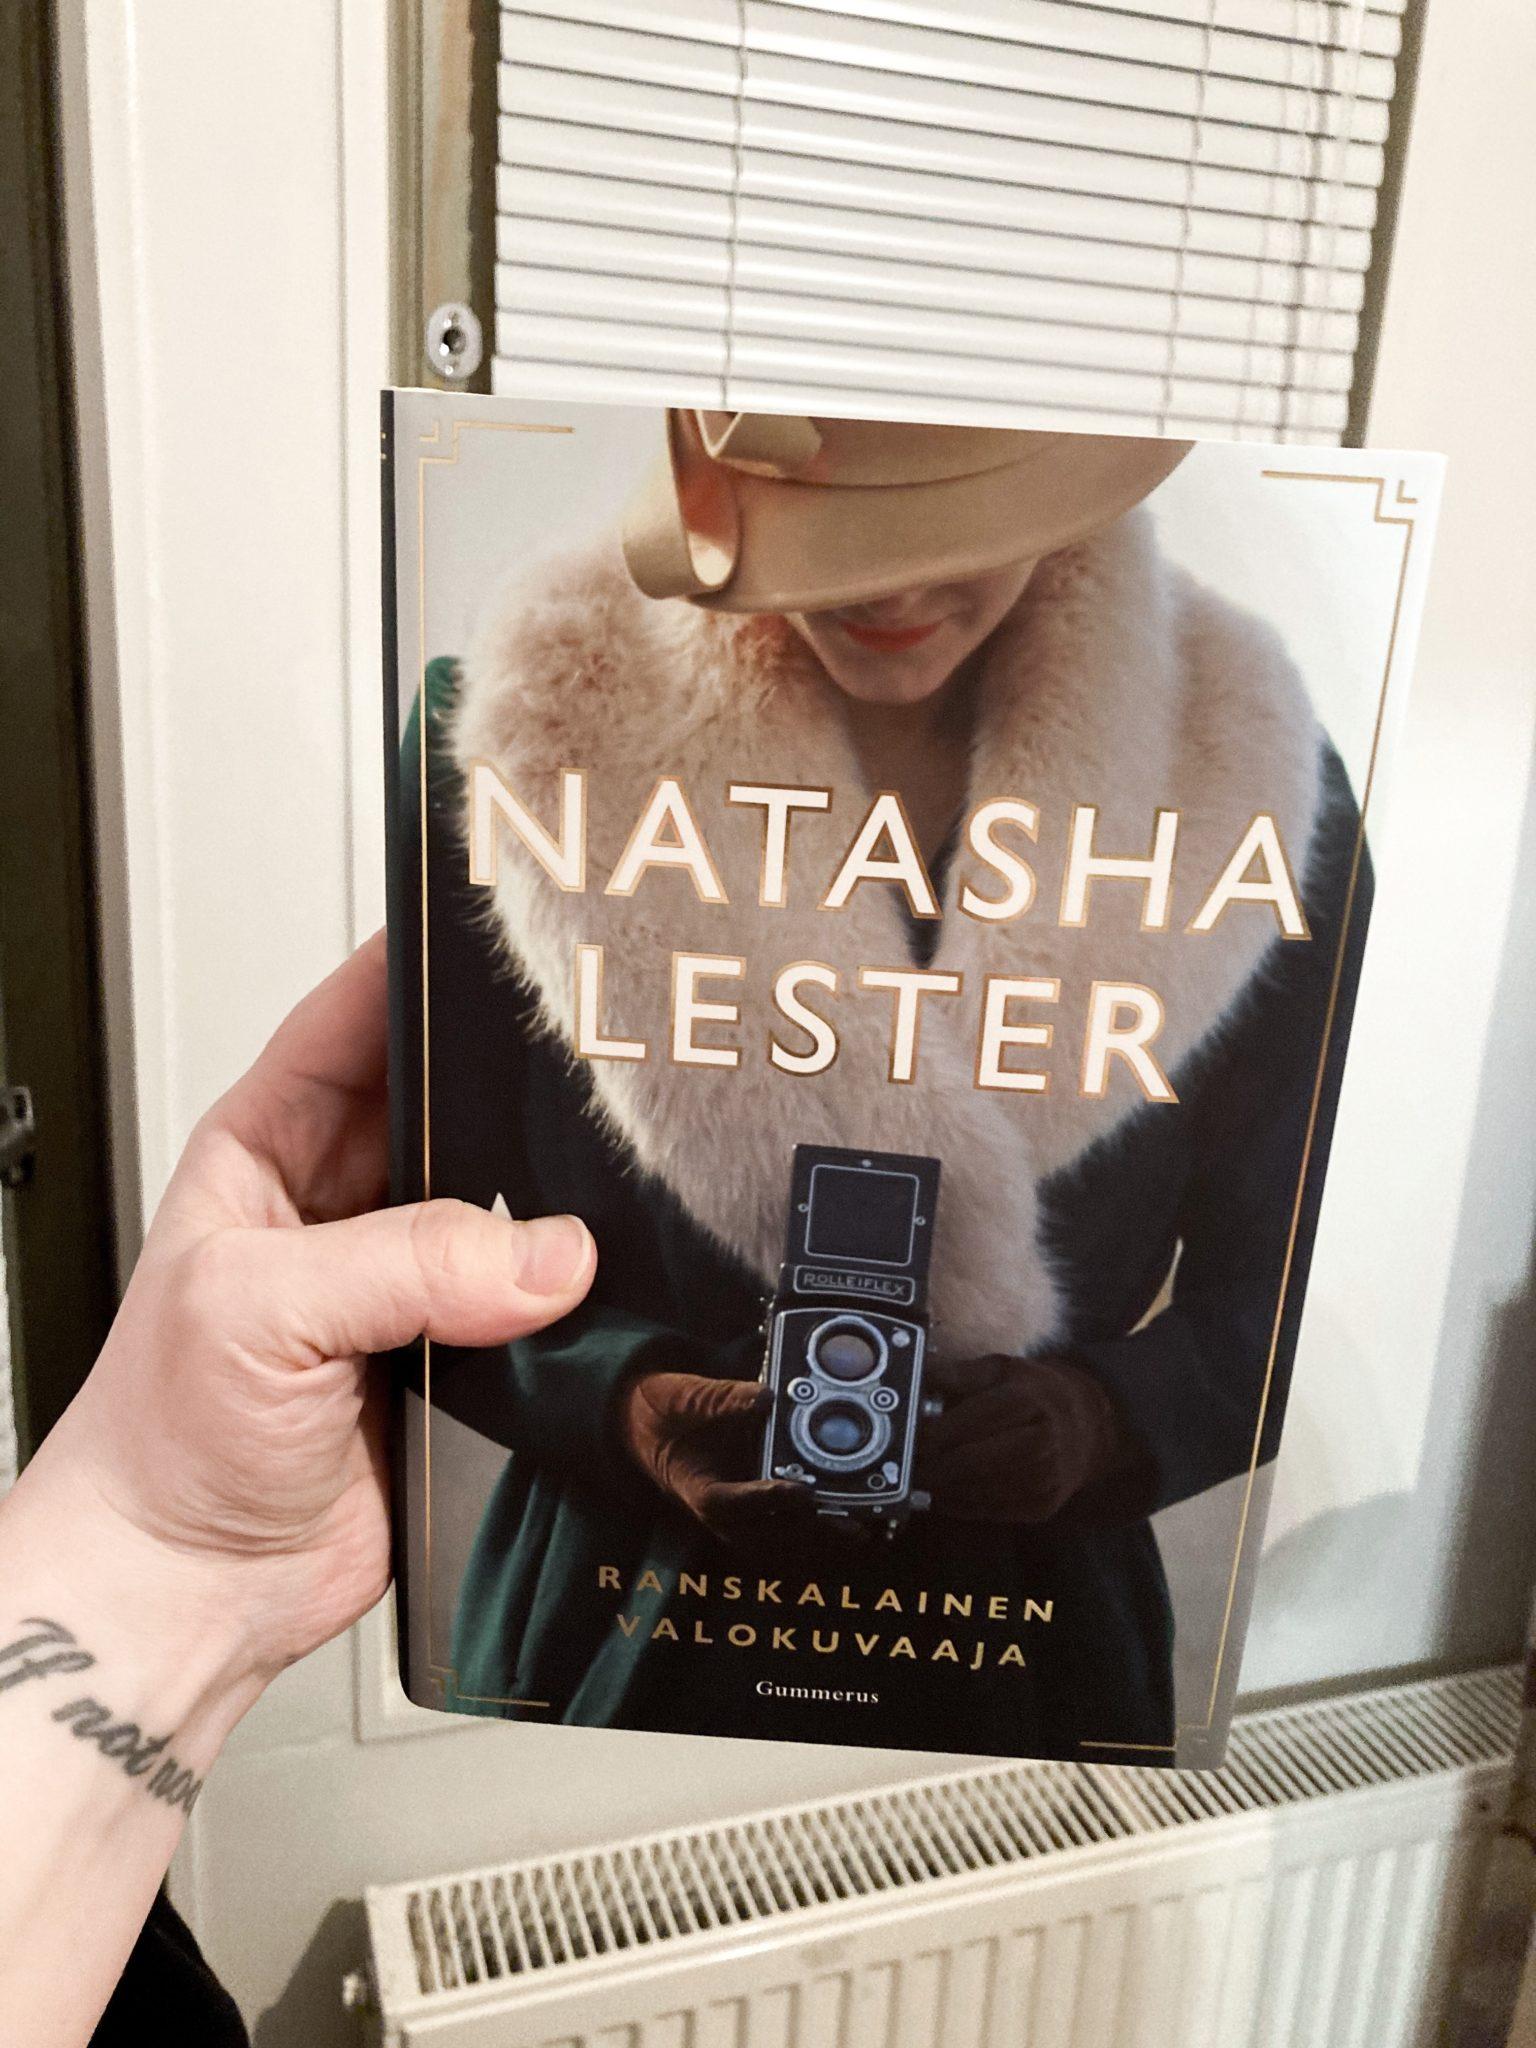 Natasha Lester Ranskalainen valokuvaaja